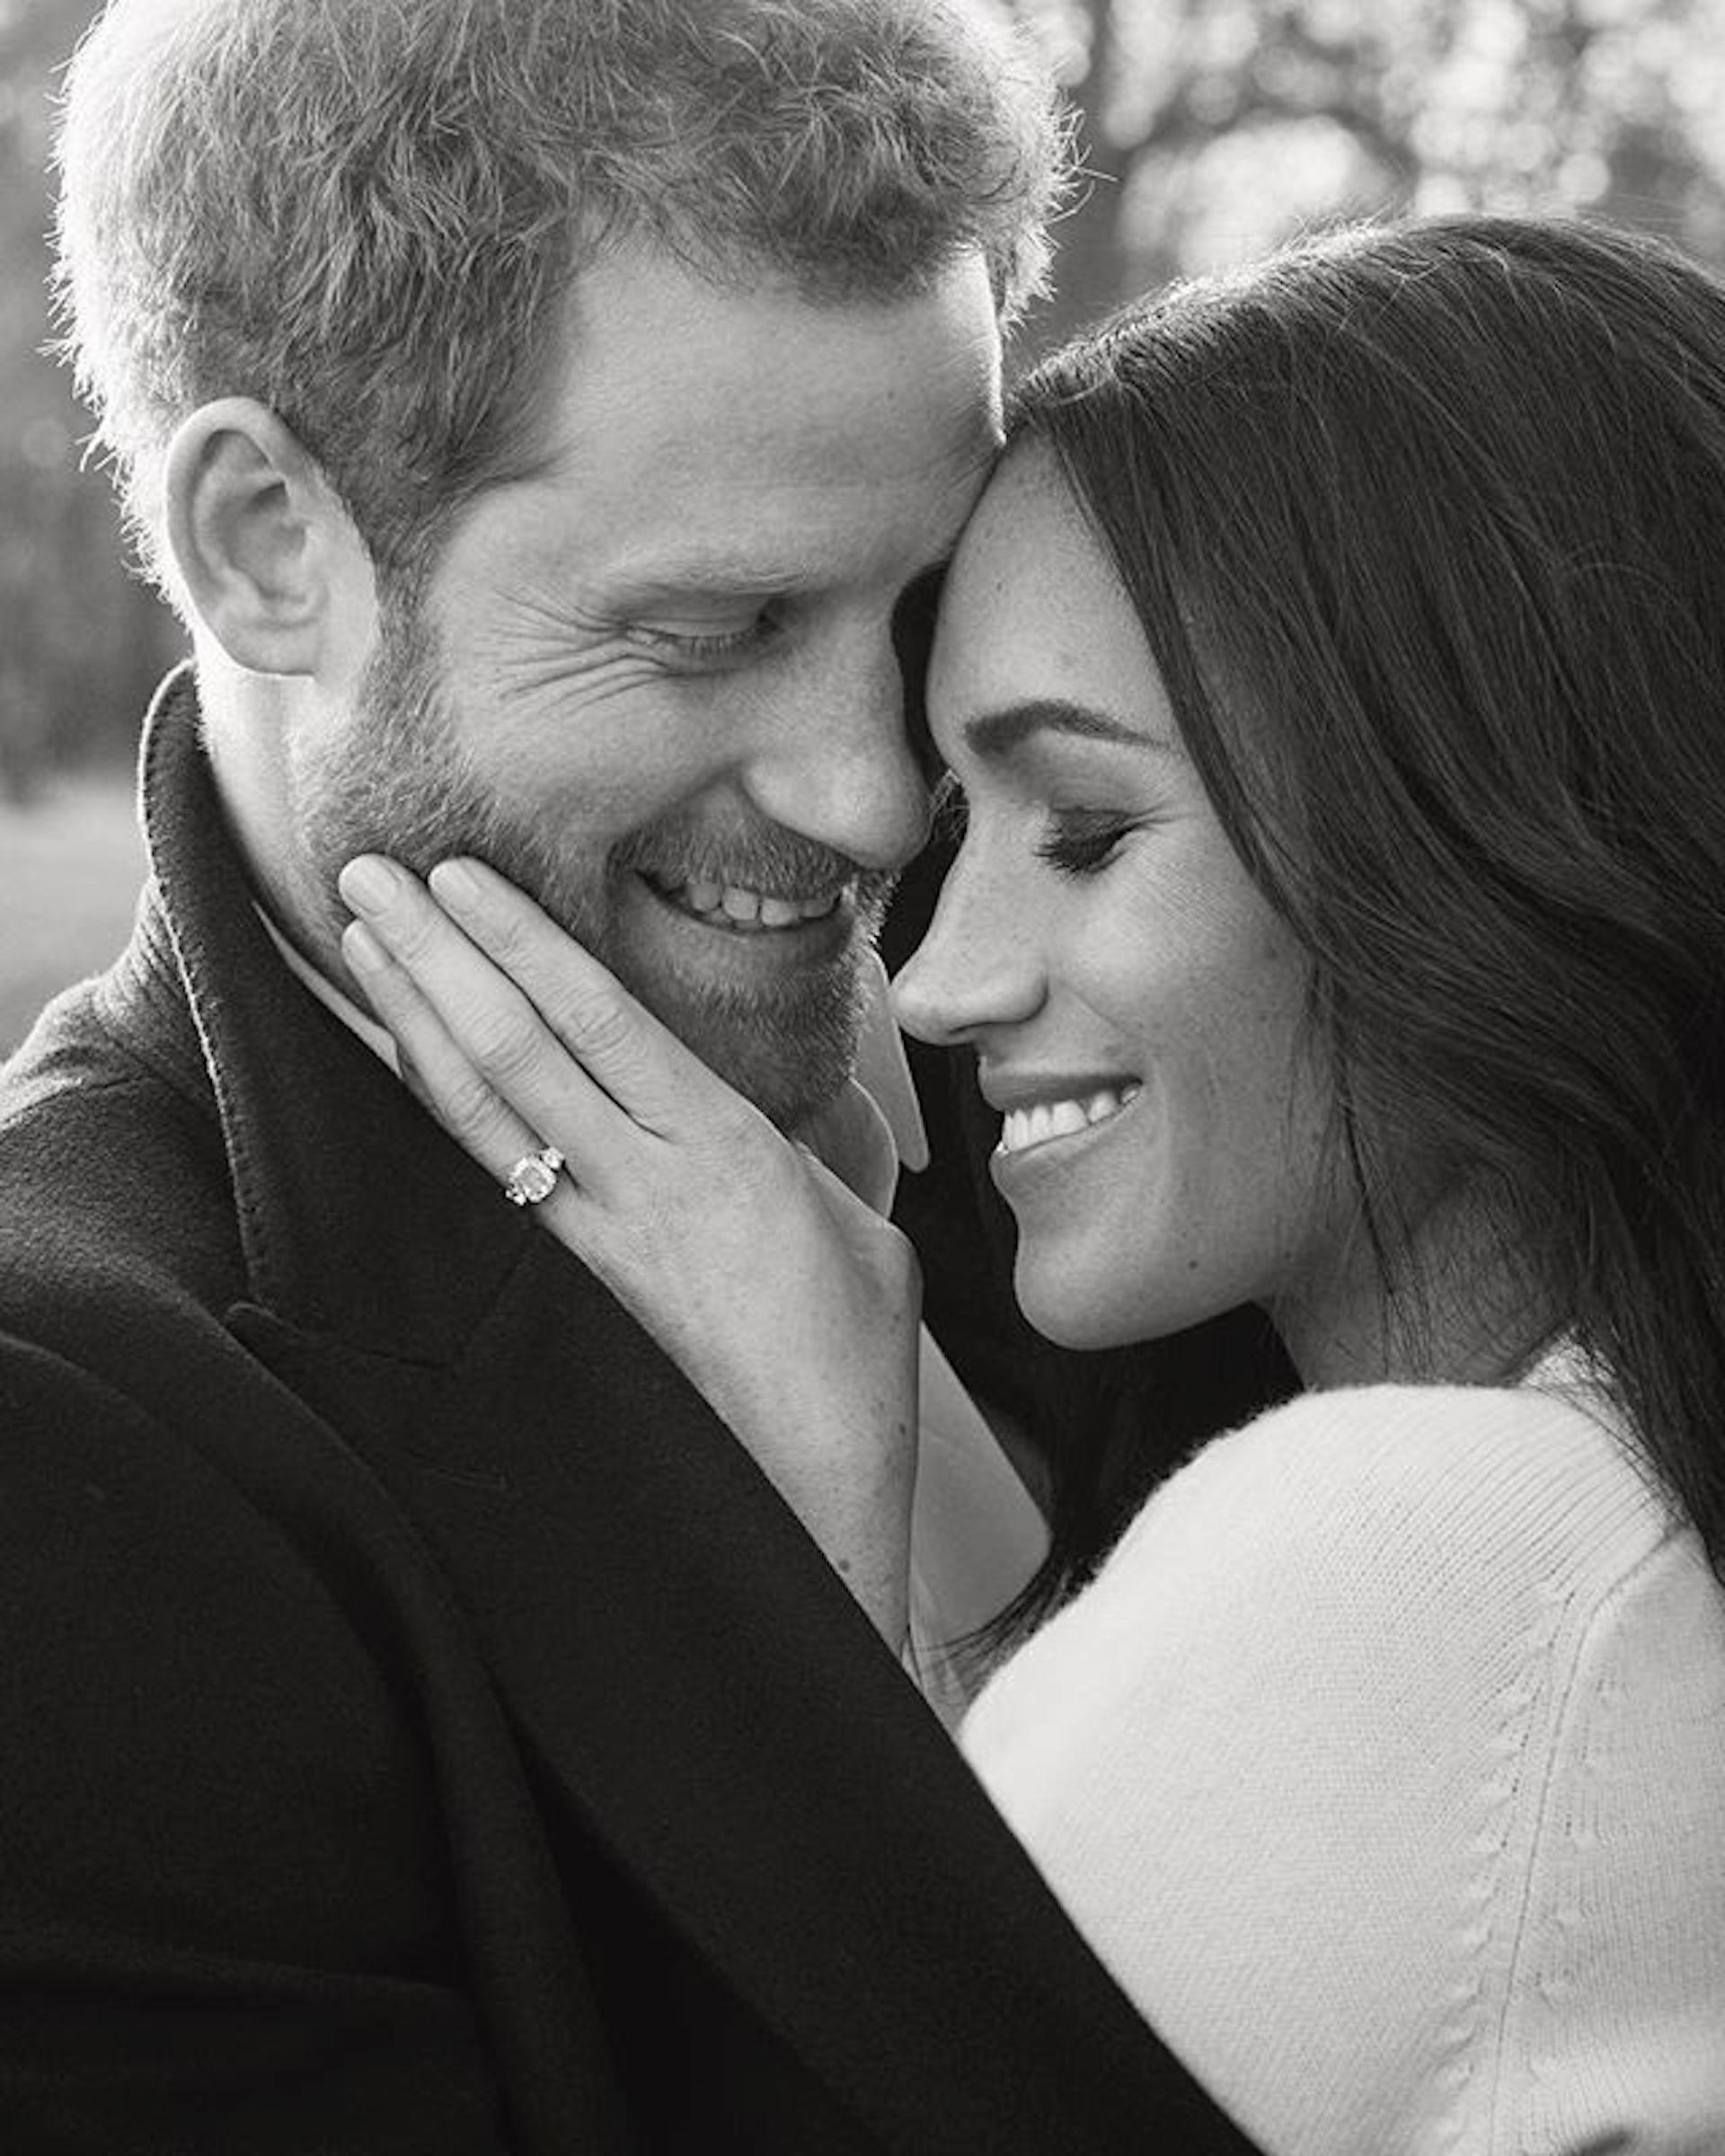 La boda de el príncipe Harry y Meghan Markle no tendrá invitados políticos (Foto: Alexi Lubomirski)